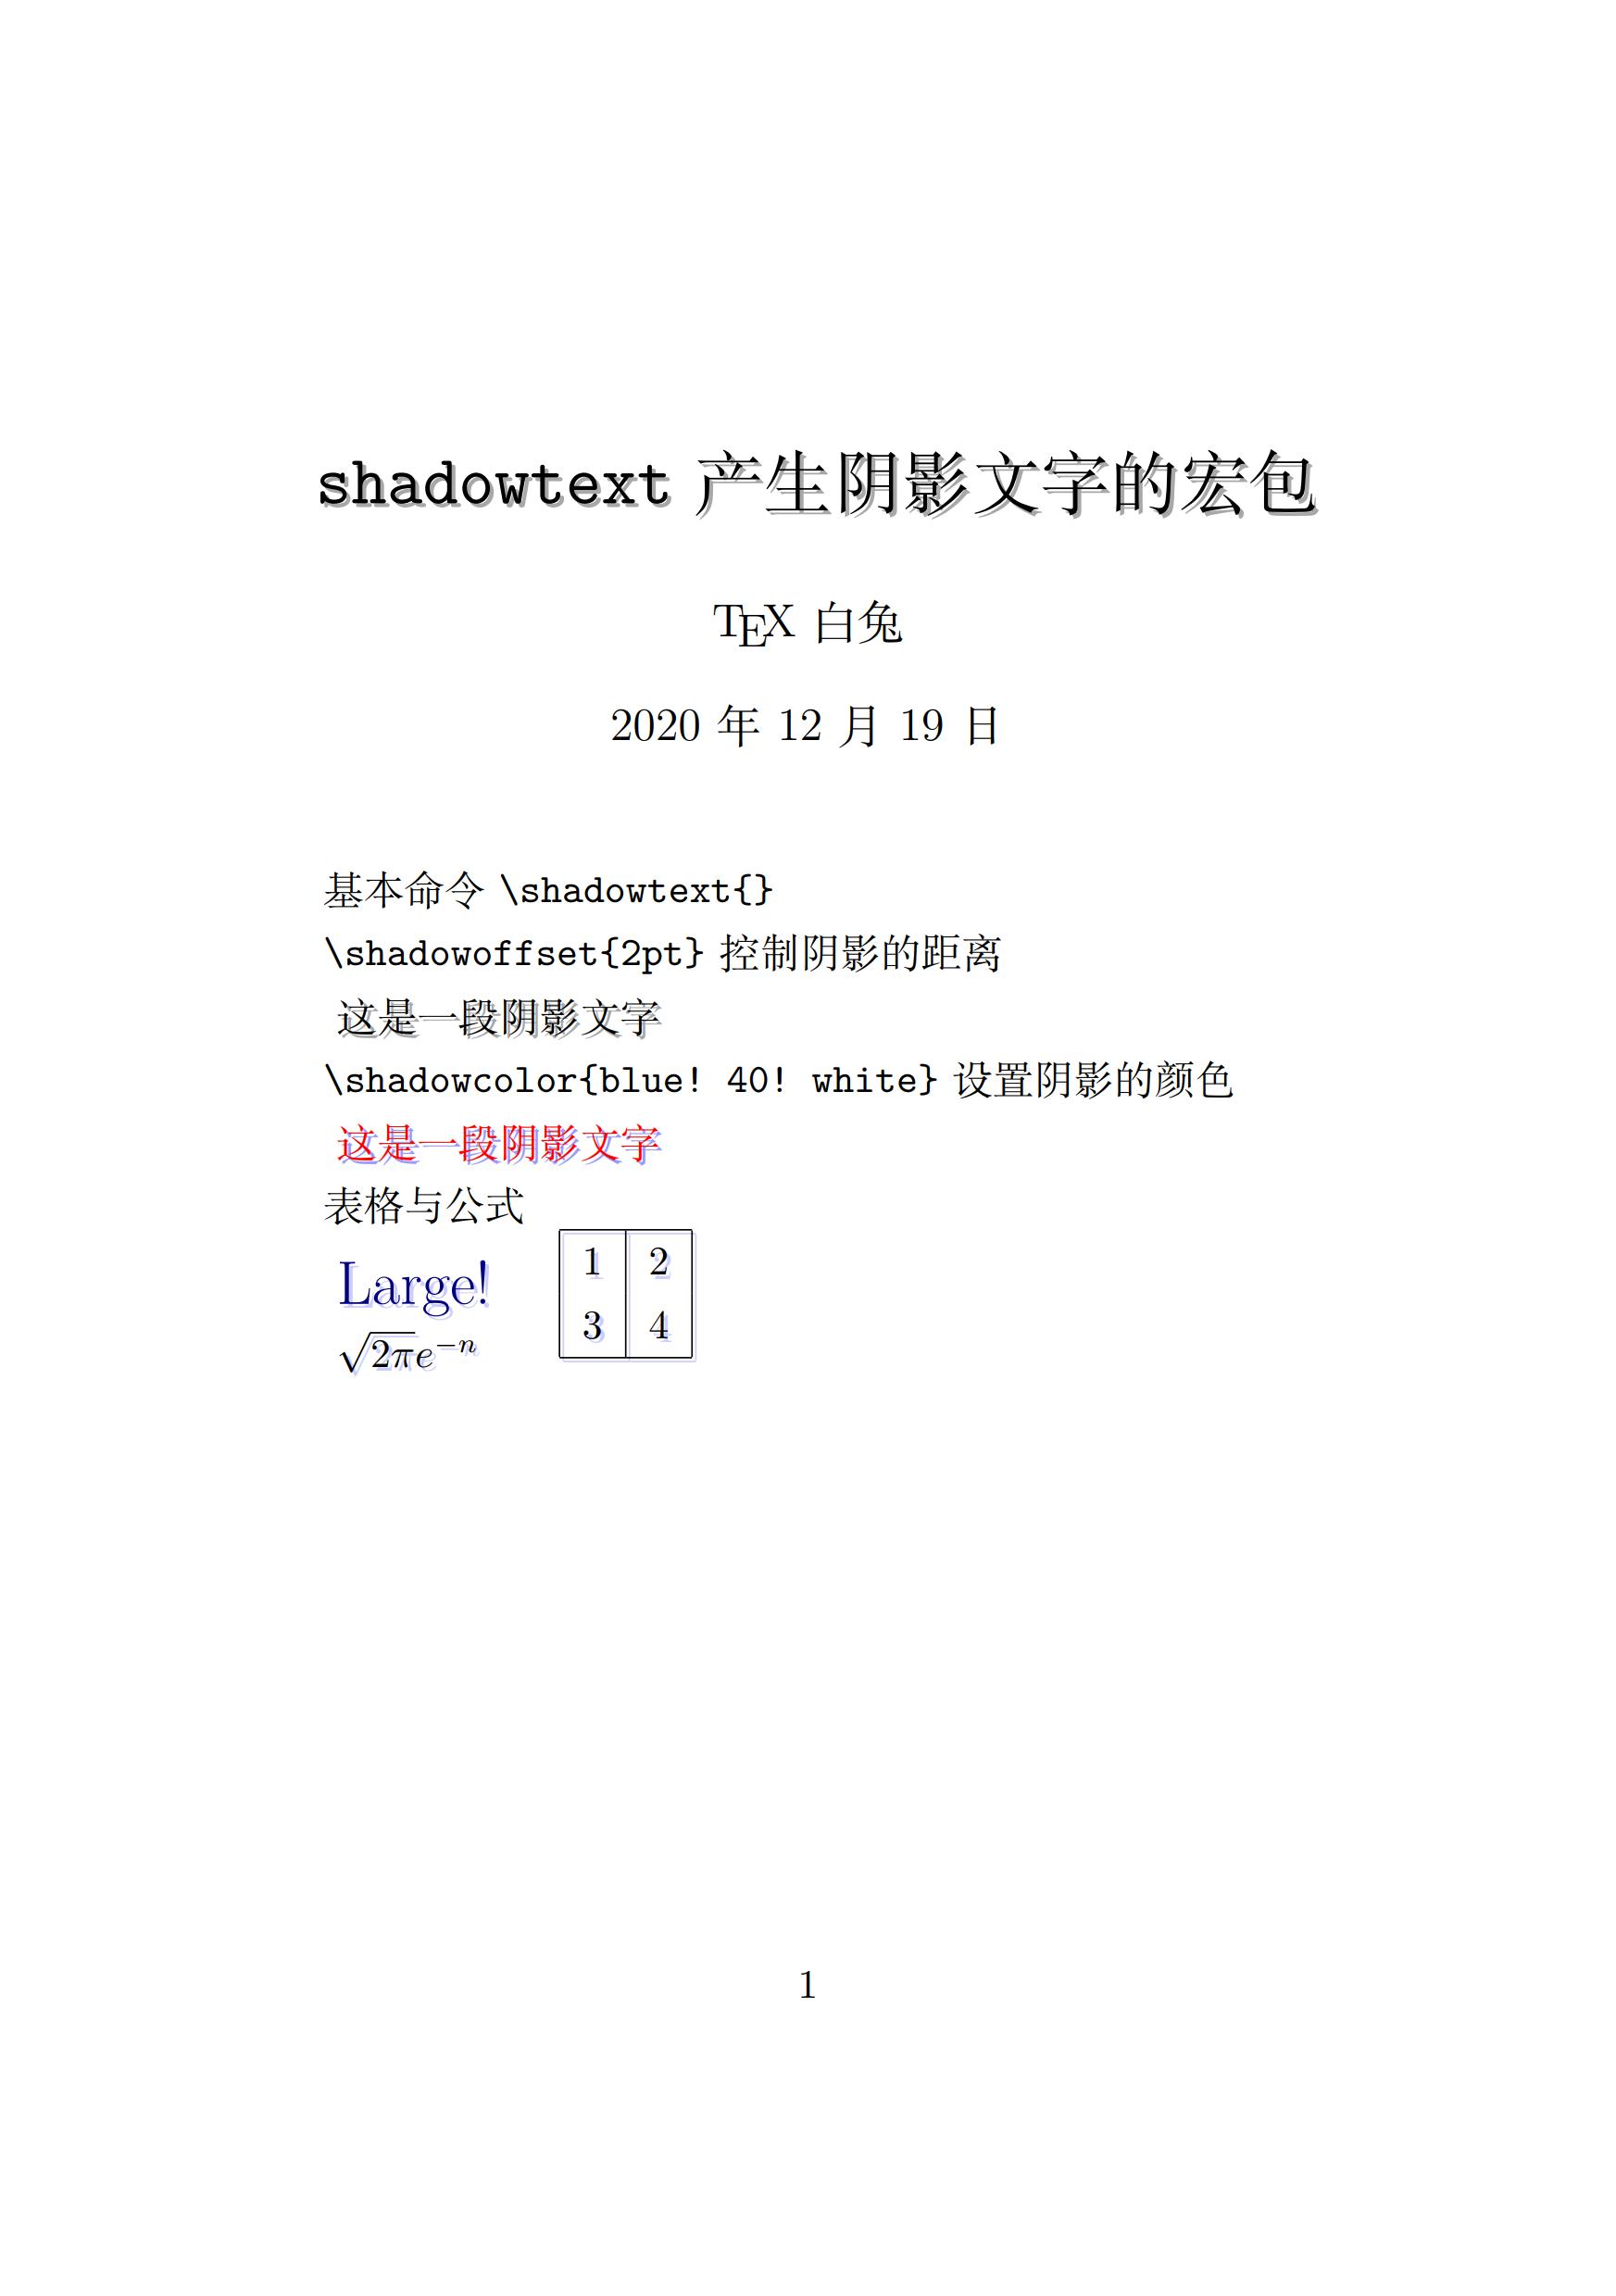 shadowtext 产生阴影文字的宏包